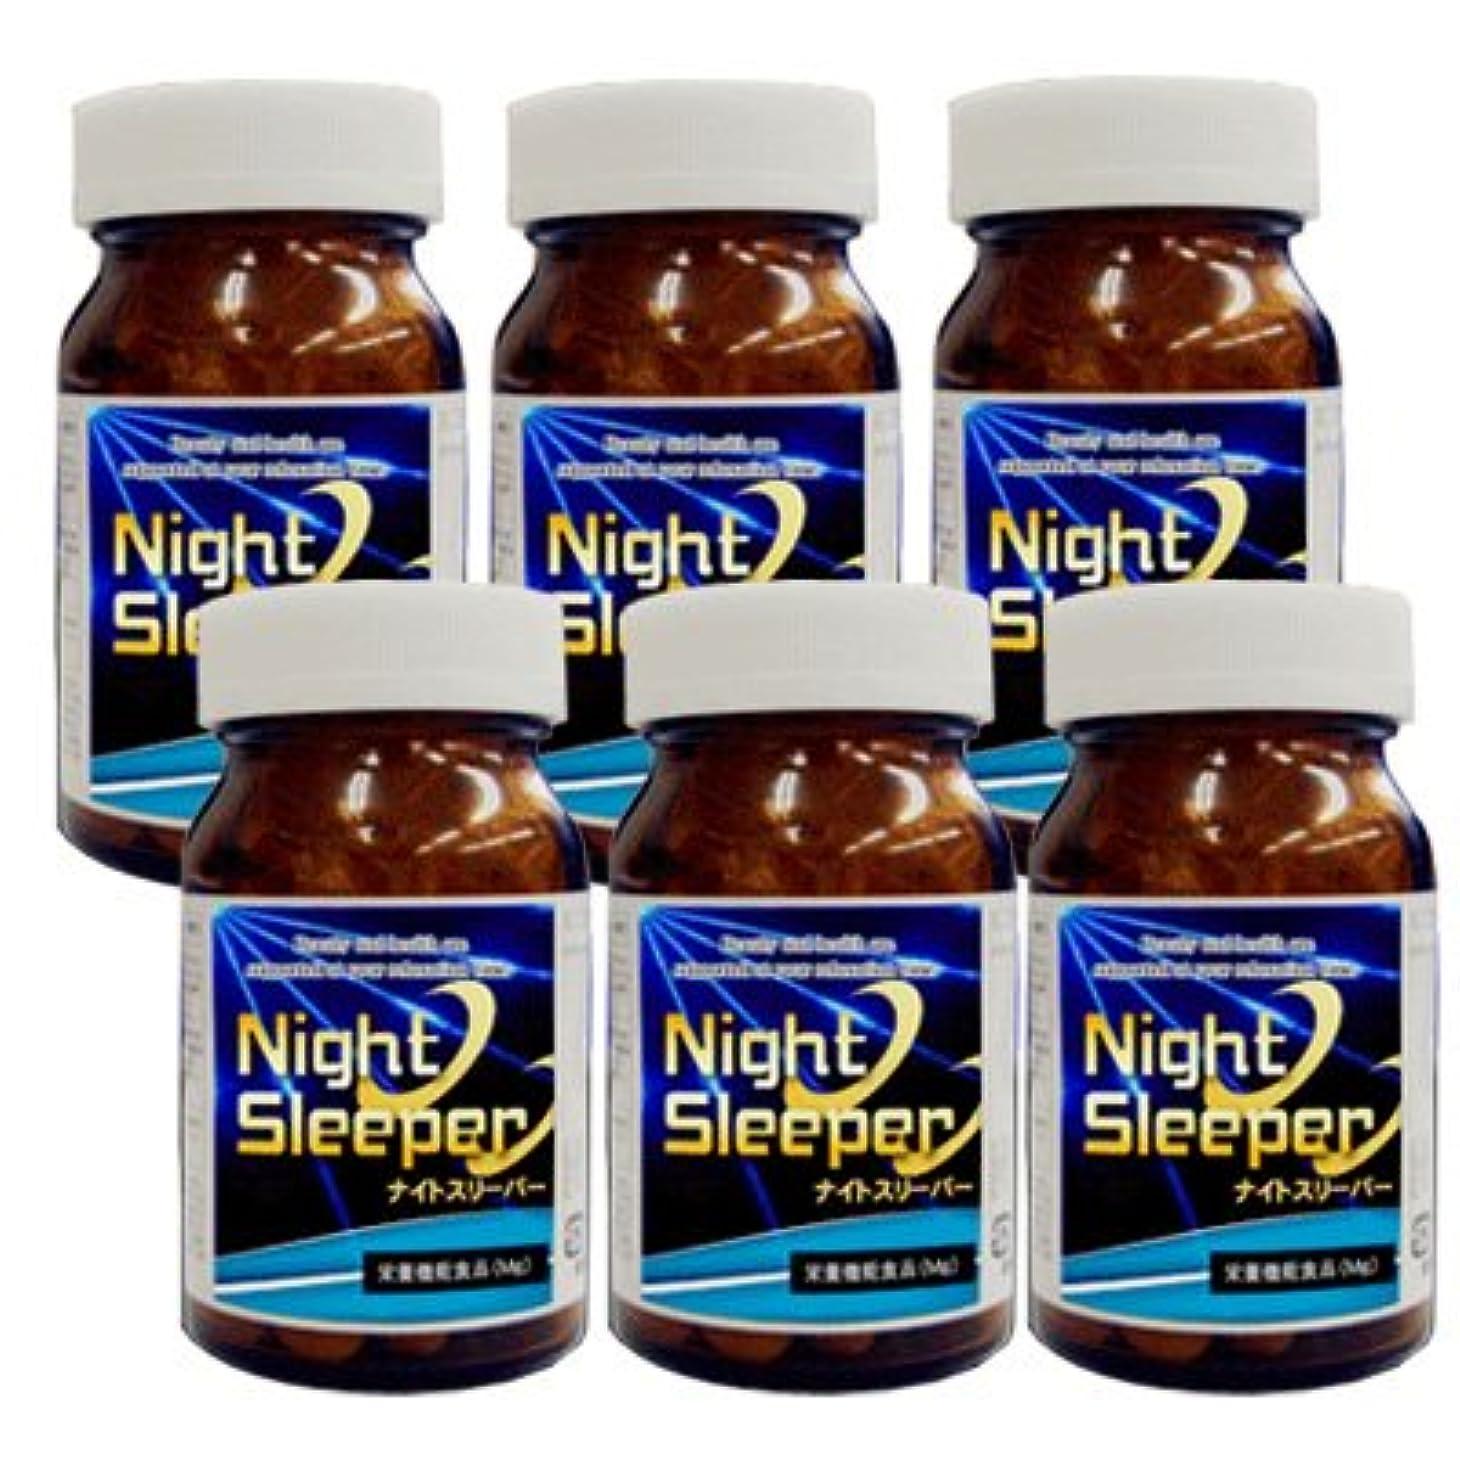 自治爵潮ナイトスリーパー 6個セット! nightsleeper ×6個